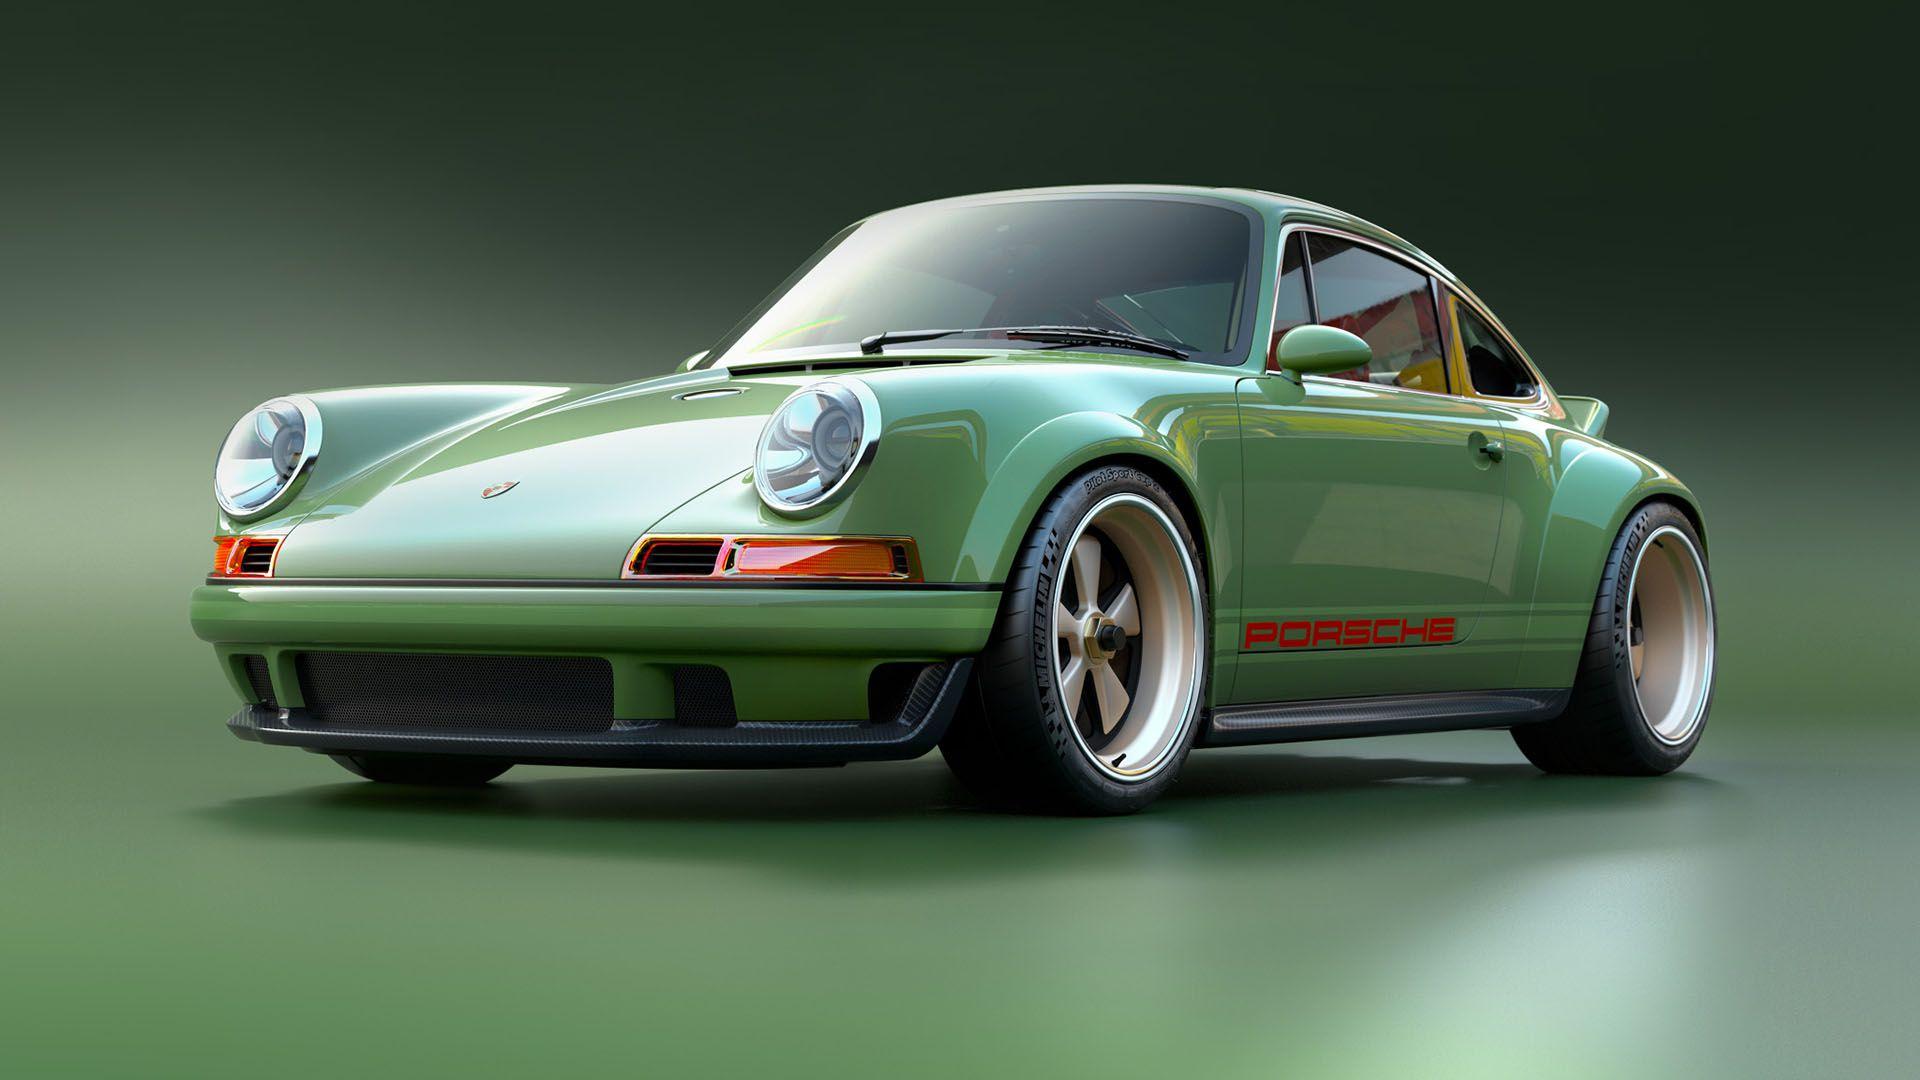 Singer Porsche Porsche 911 Singer Singer Vehicle Design